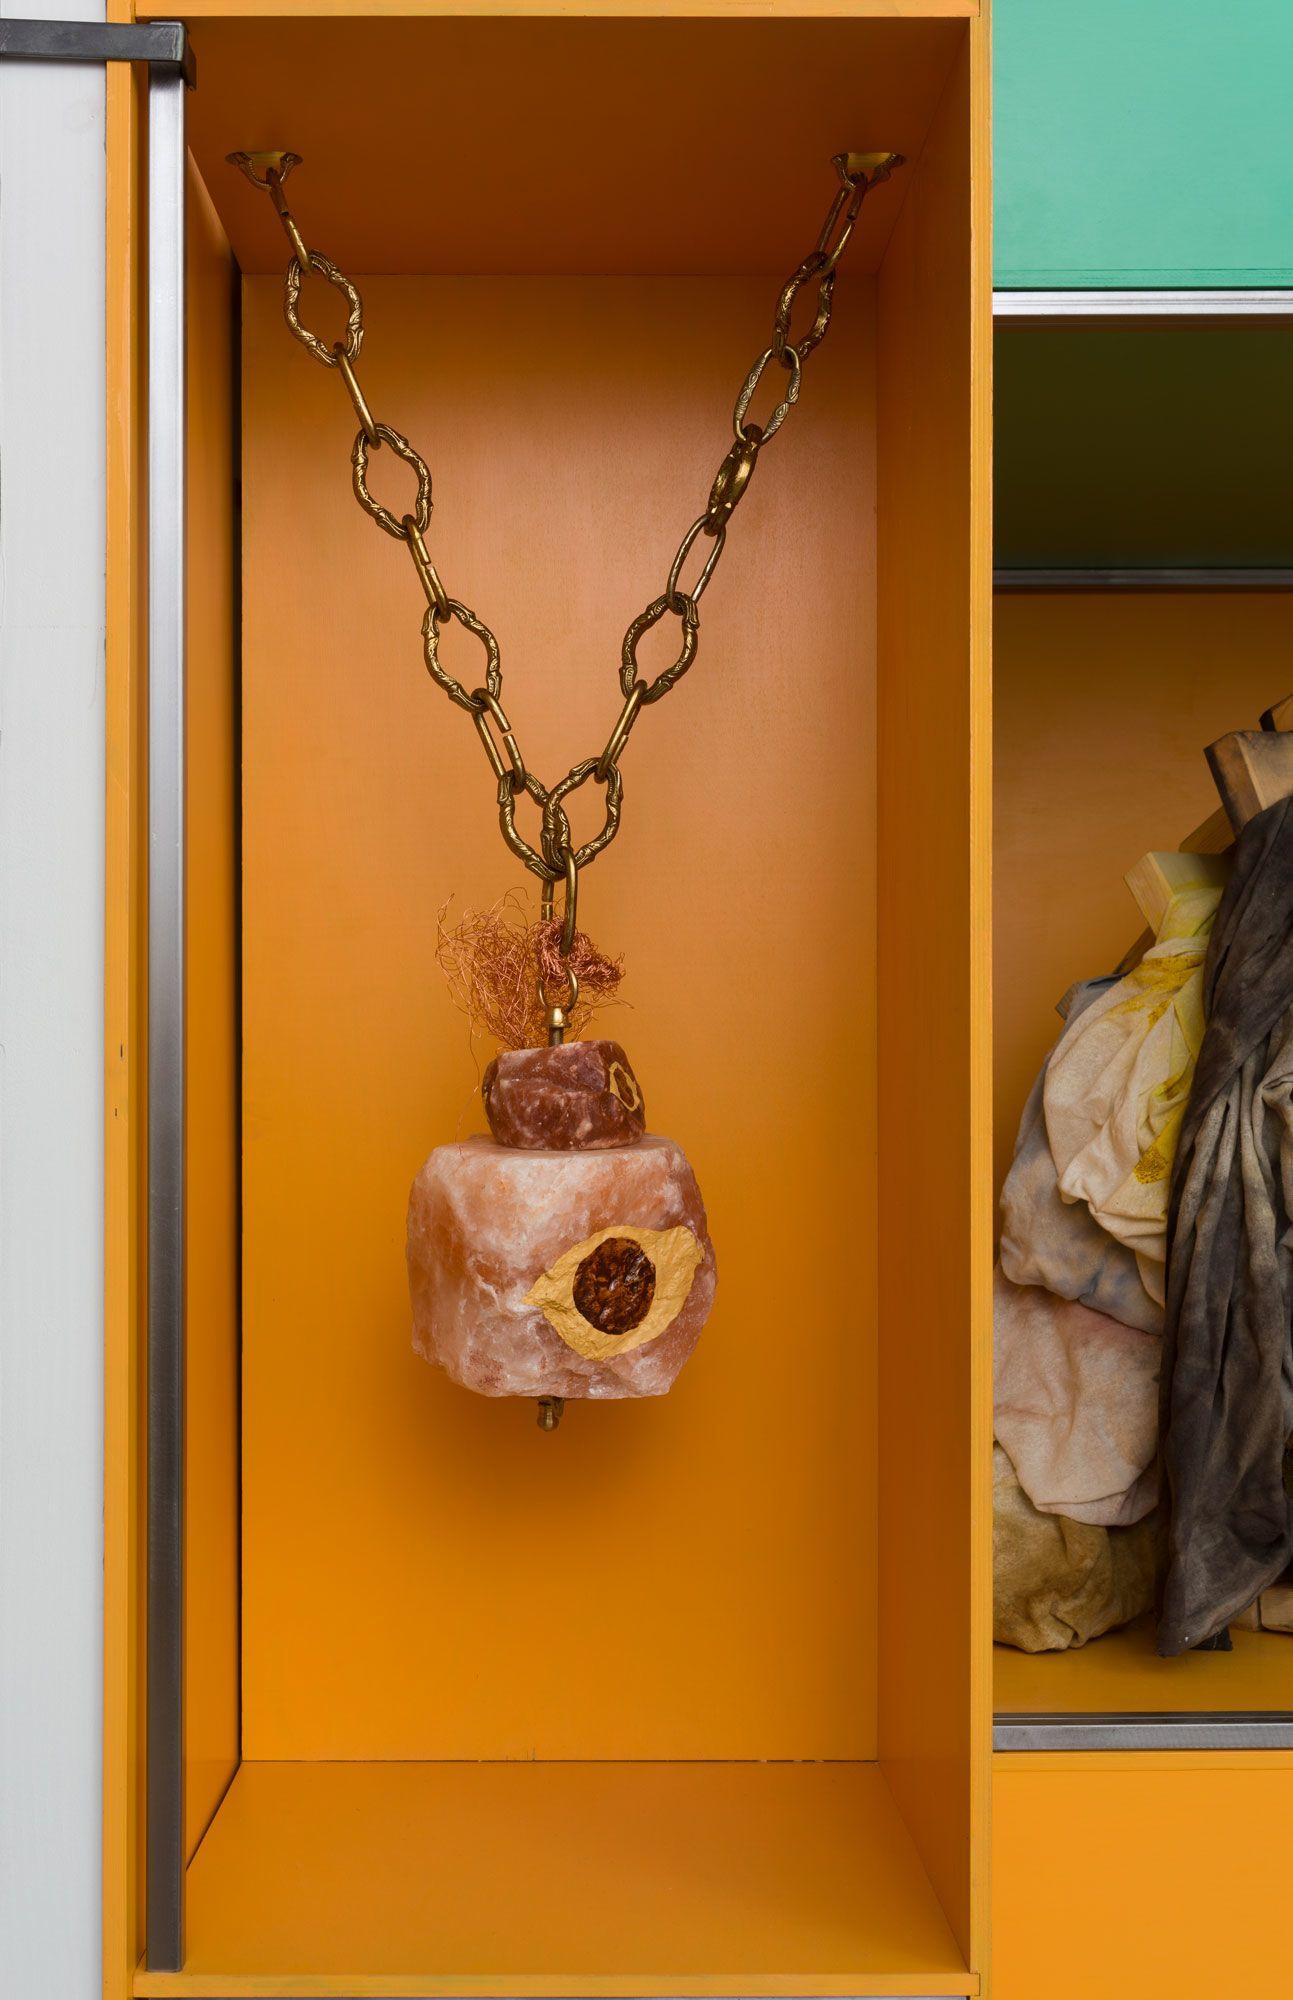 Olga Koumoundouros, Medusa Chimes, detail